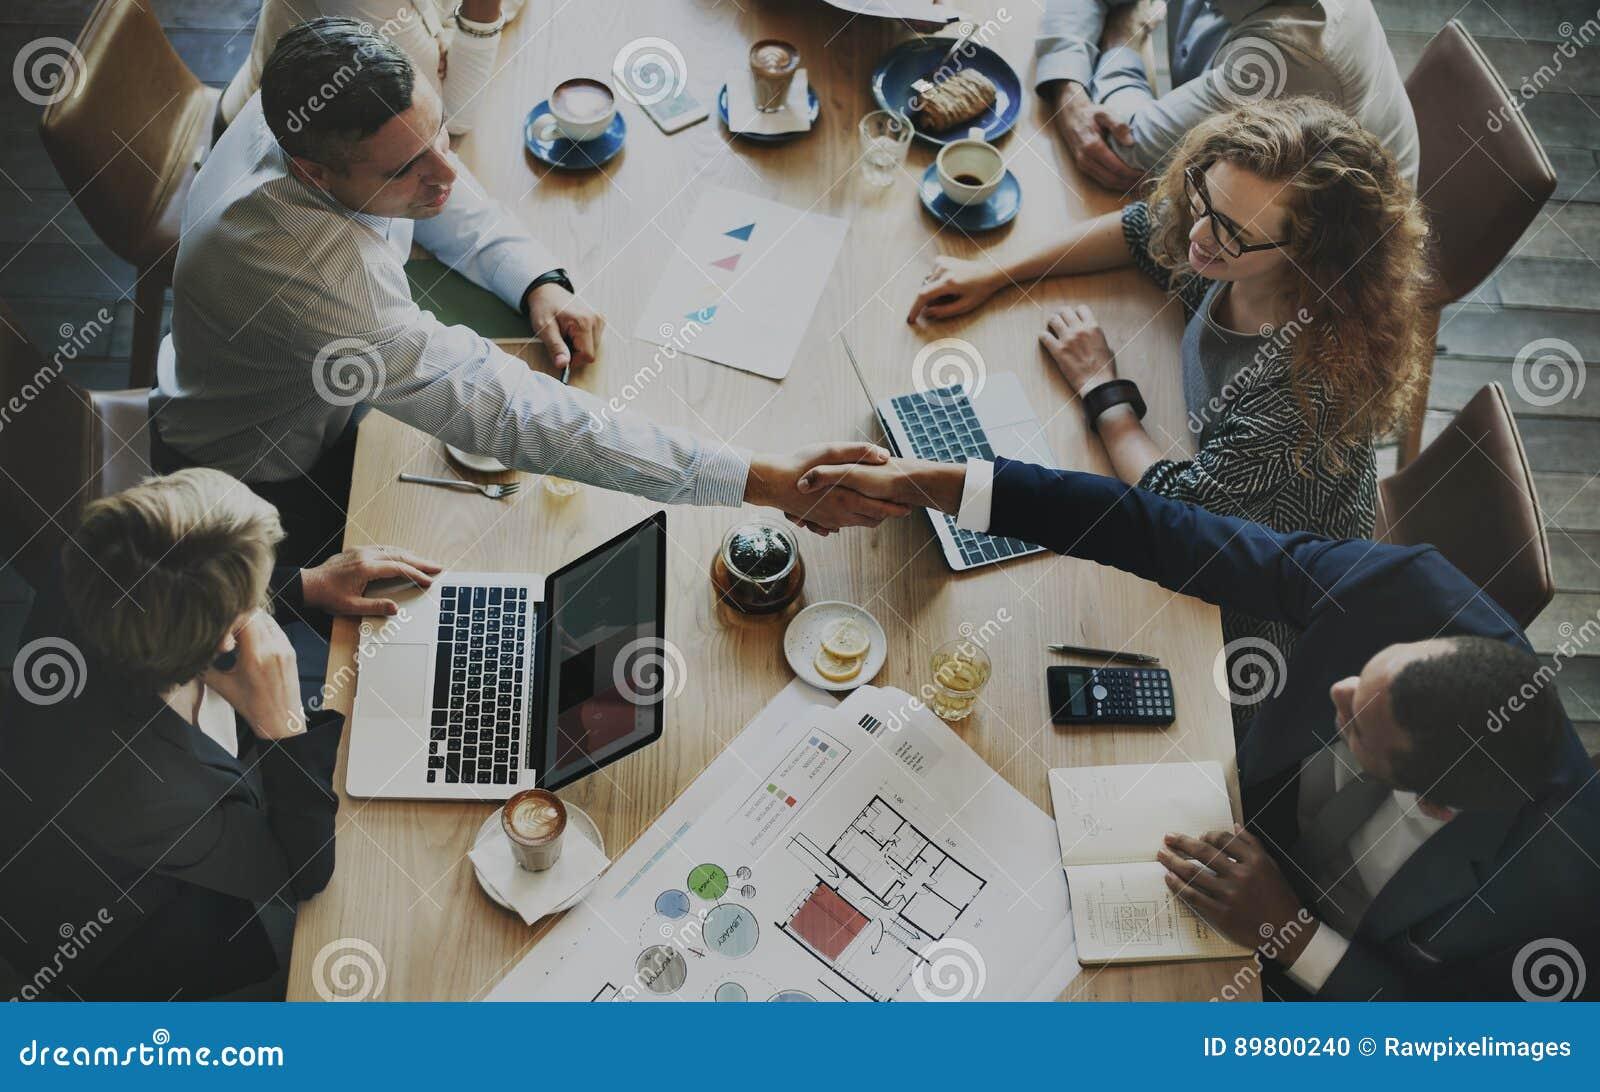 Εταιρική έξυπνη έννοια επιχειρησιακού  brainstorming  ανάλυσης